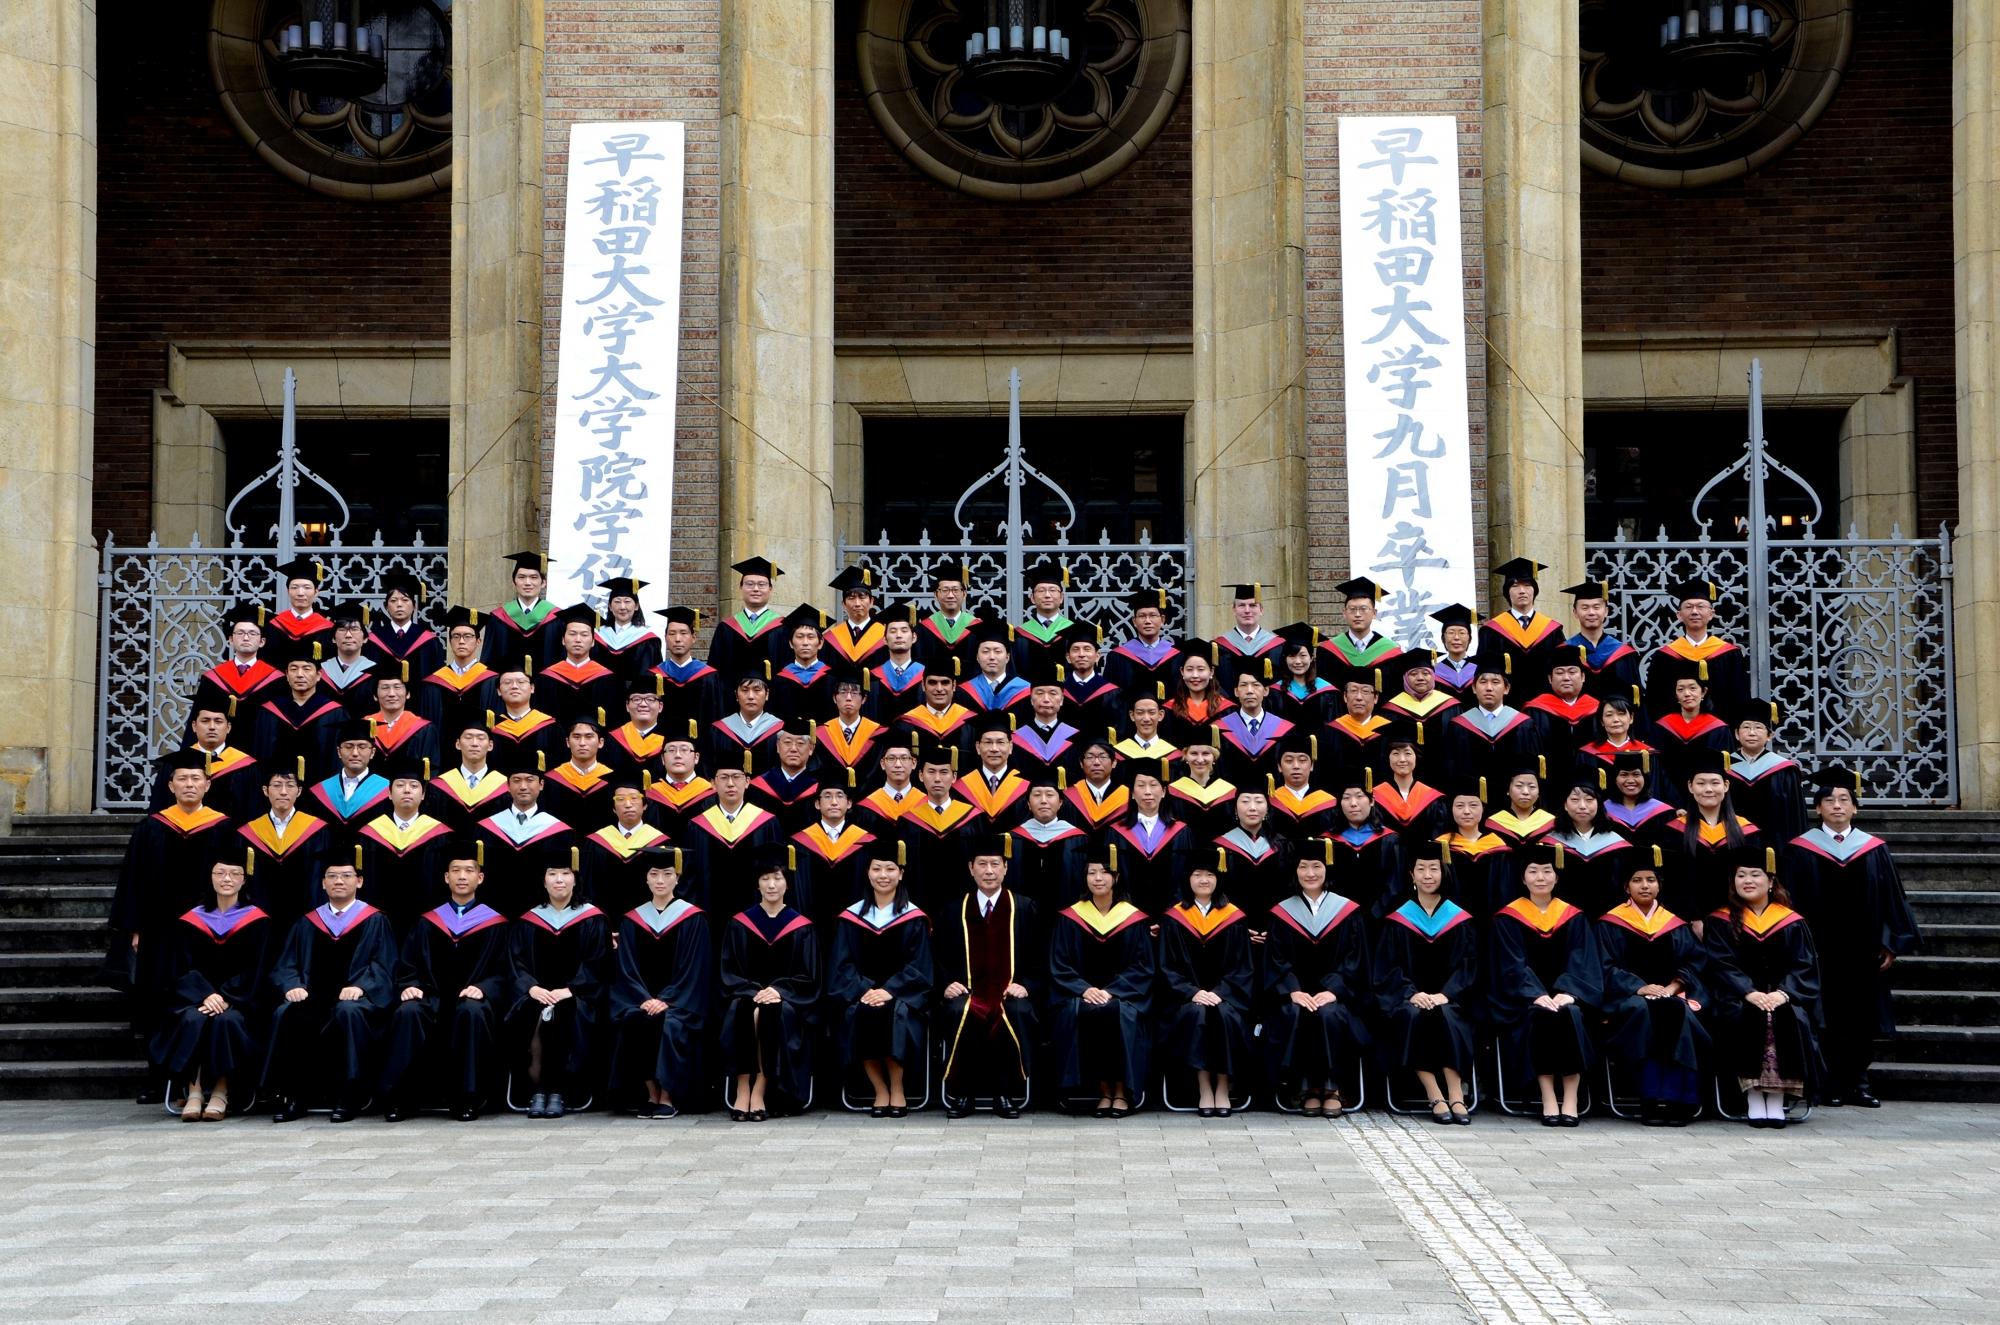 Autumn 2016 graduation and entrance ceremonies